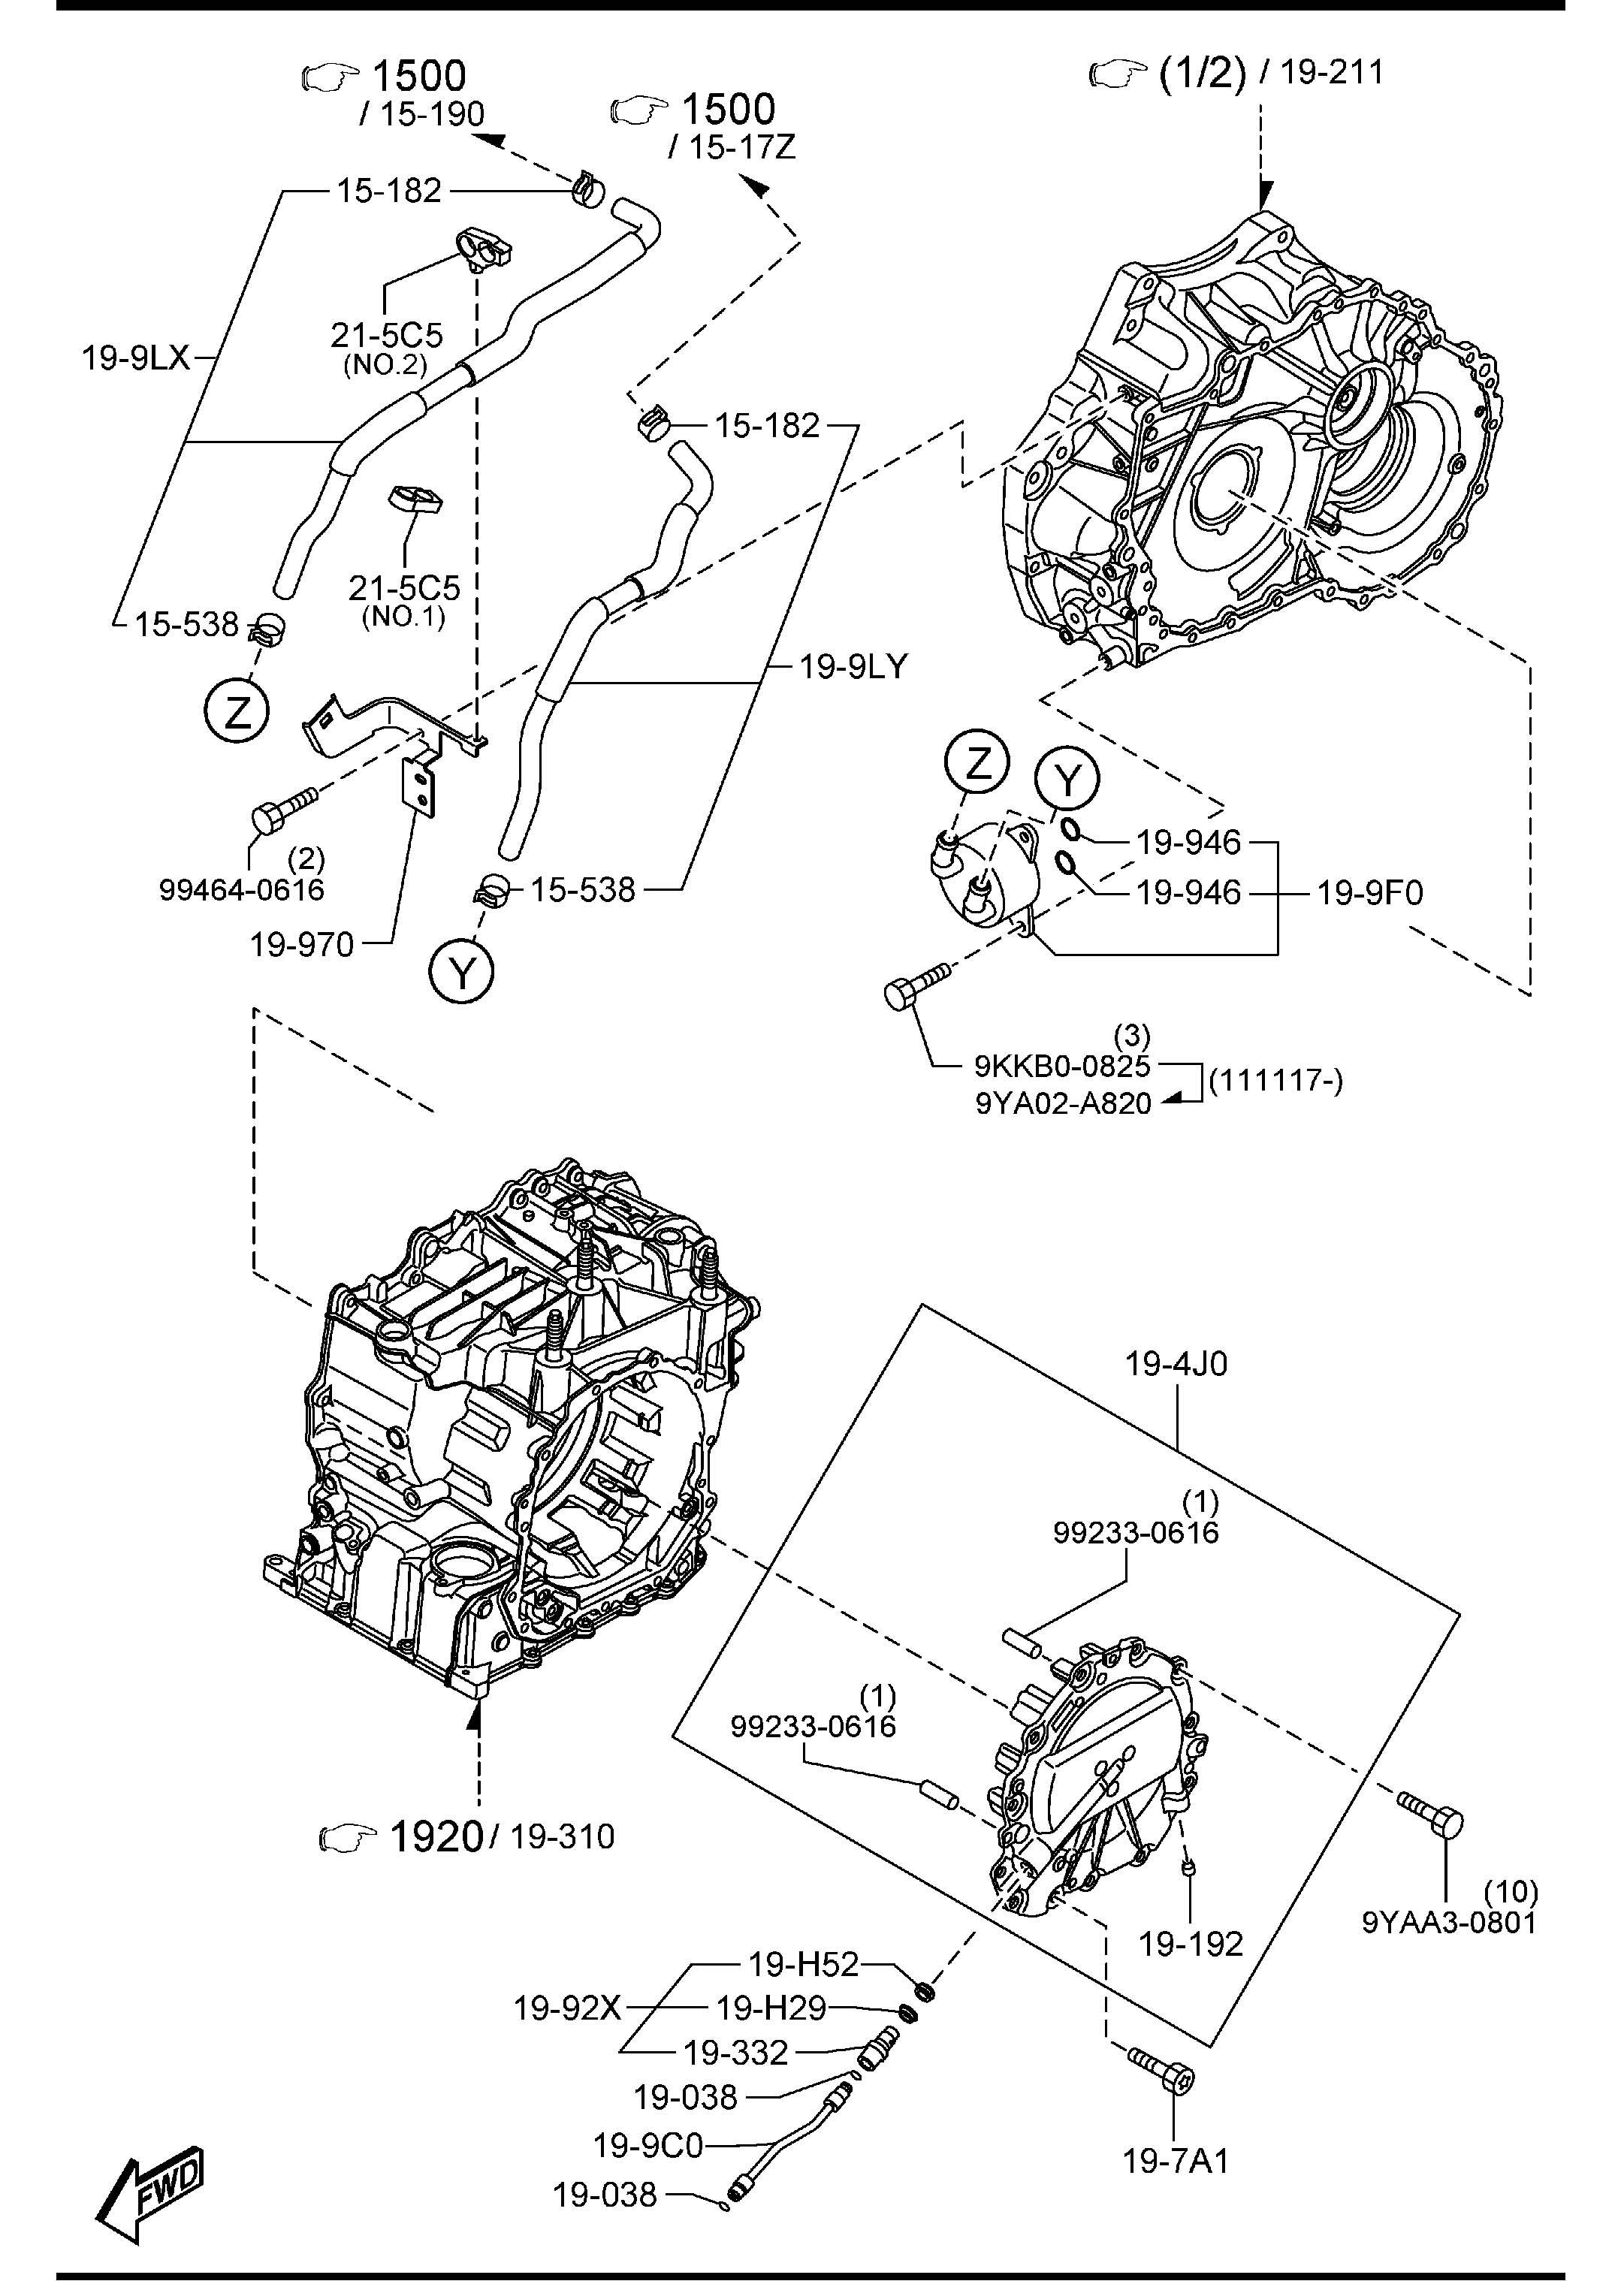 2002 mazda protege 4cyl fuse box diagram